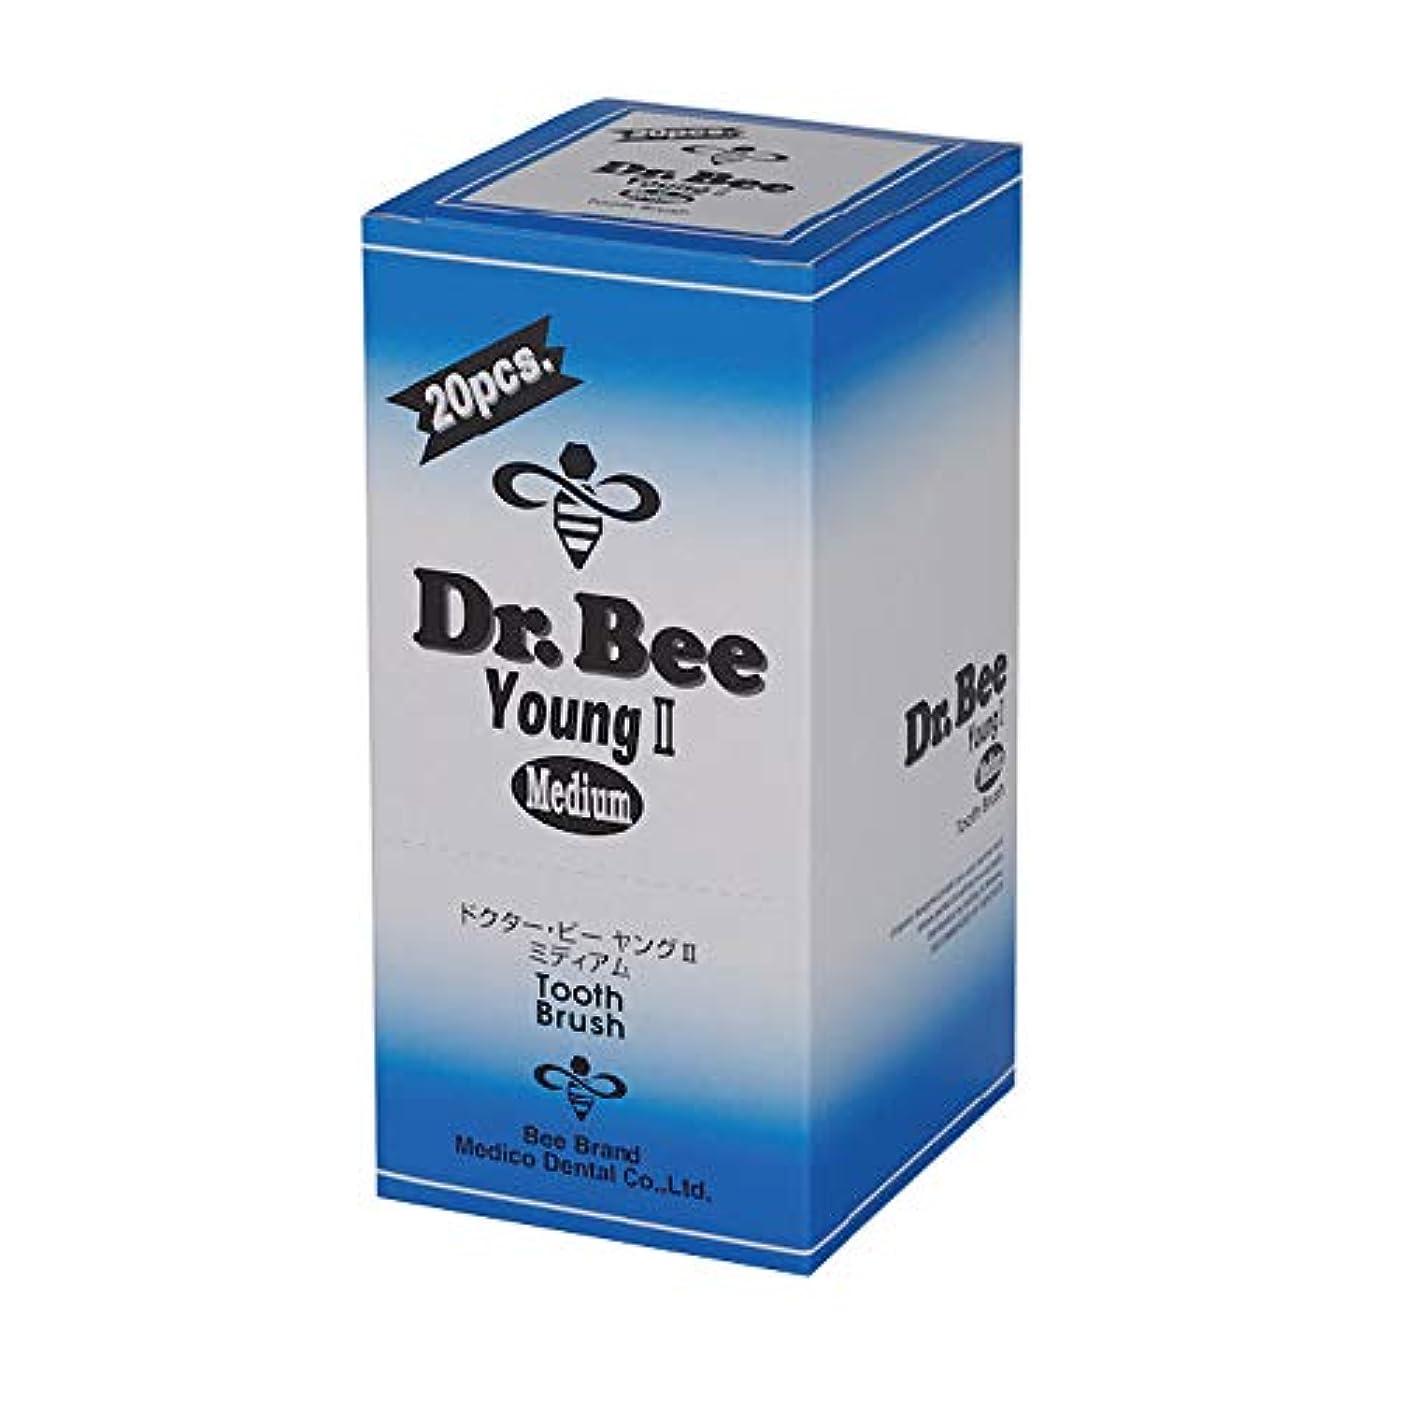 ドライ雑草最愛のDr.Bee ヤングII ミディアム 20本入り